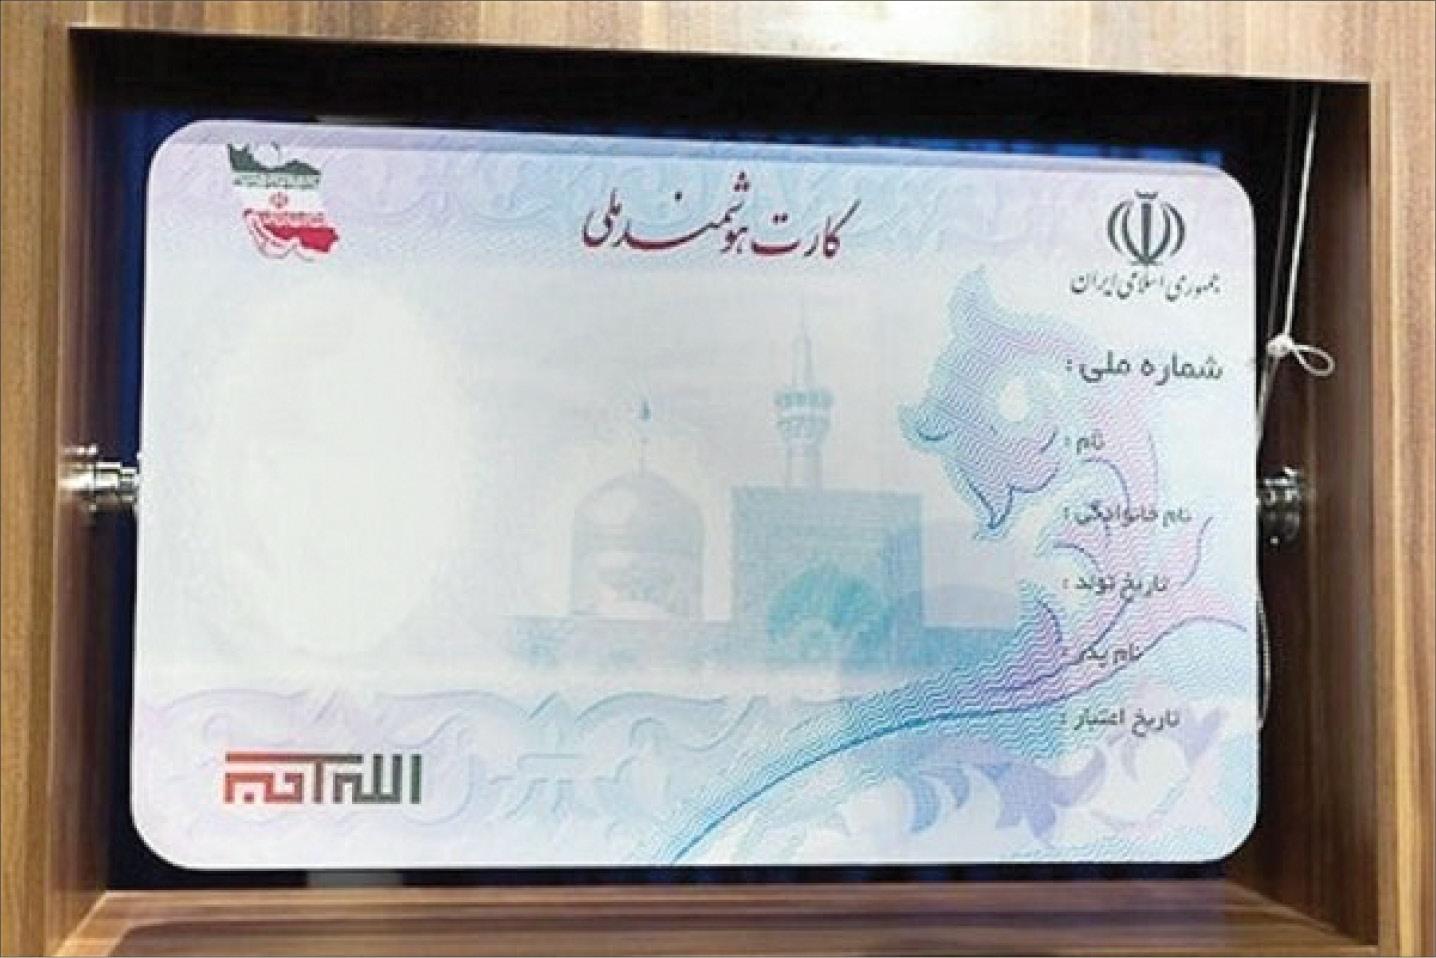 شمار کارت ملی هوشمند در کرمانشاه به بیش از یک میلیون و۱۰۰هزار رسید